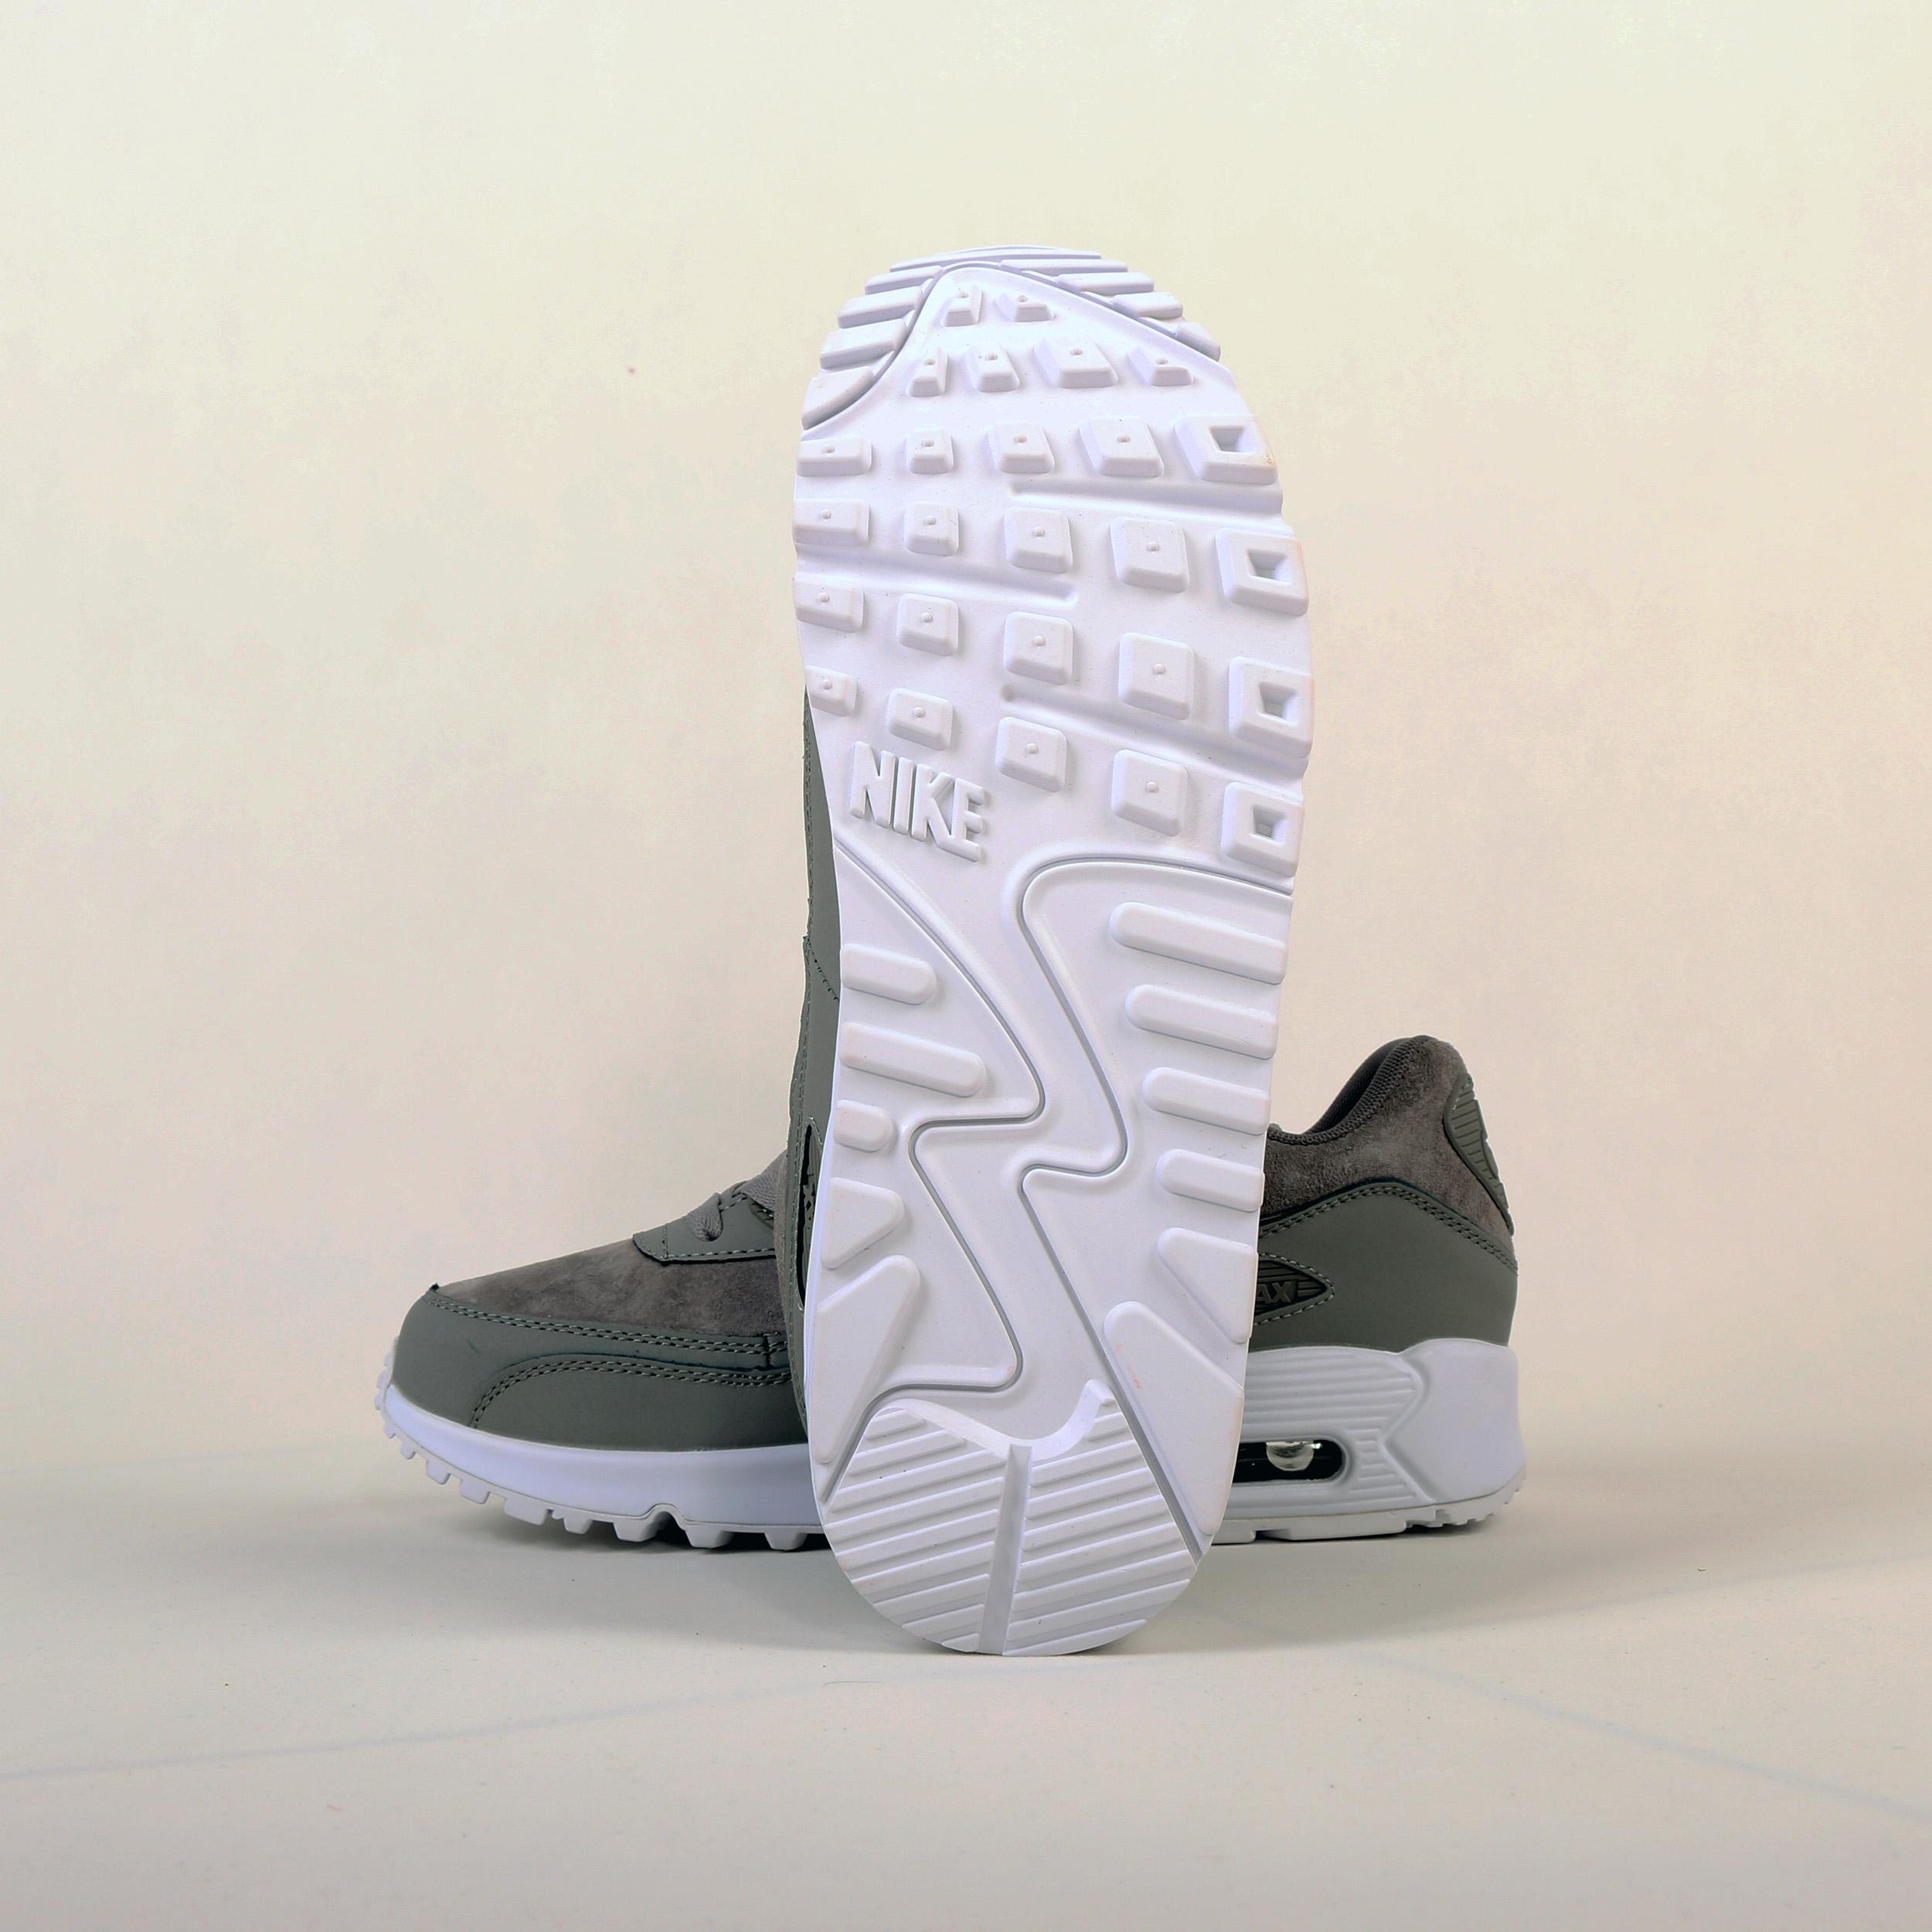 کفش مردانه ورزشی نایکی مدل 768887-600